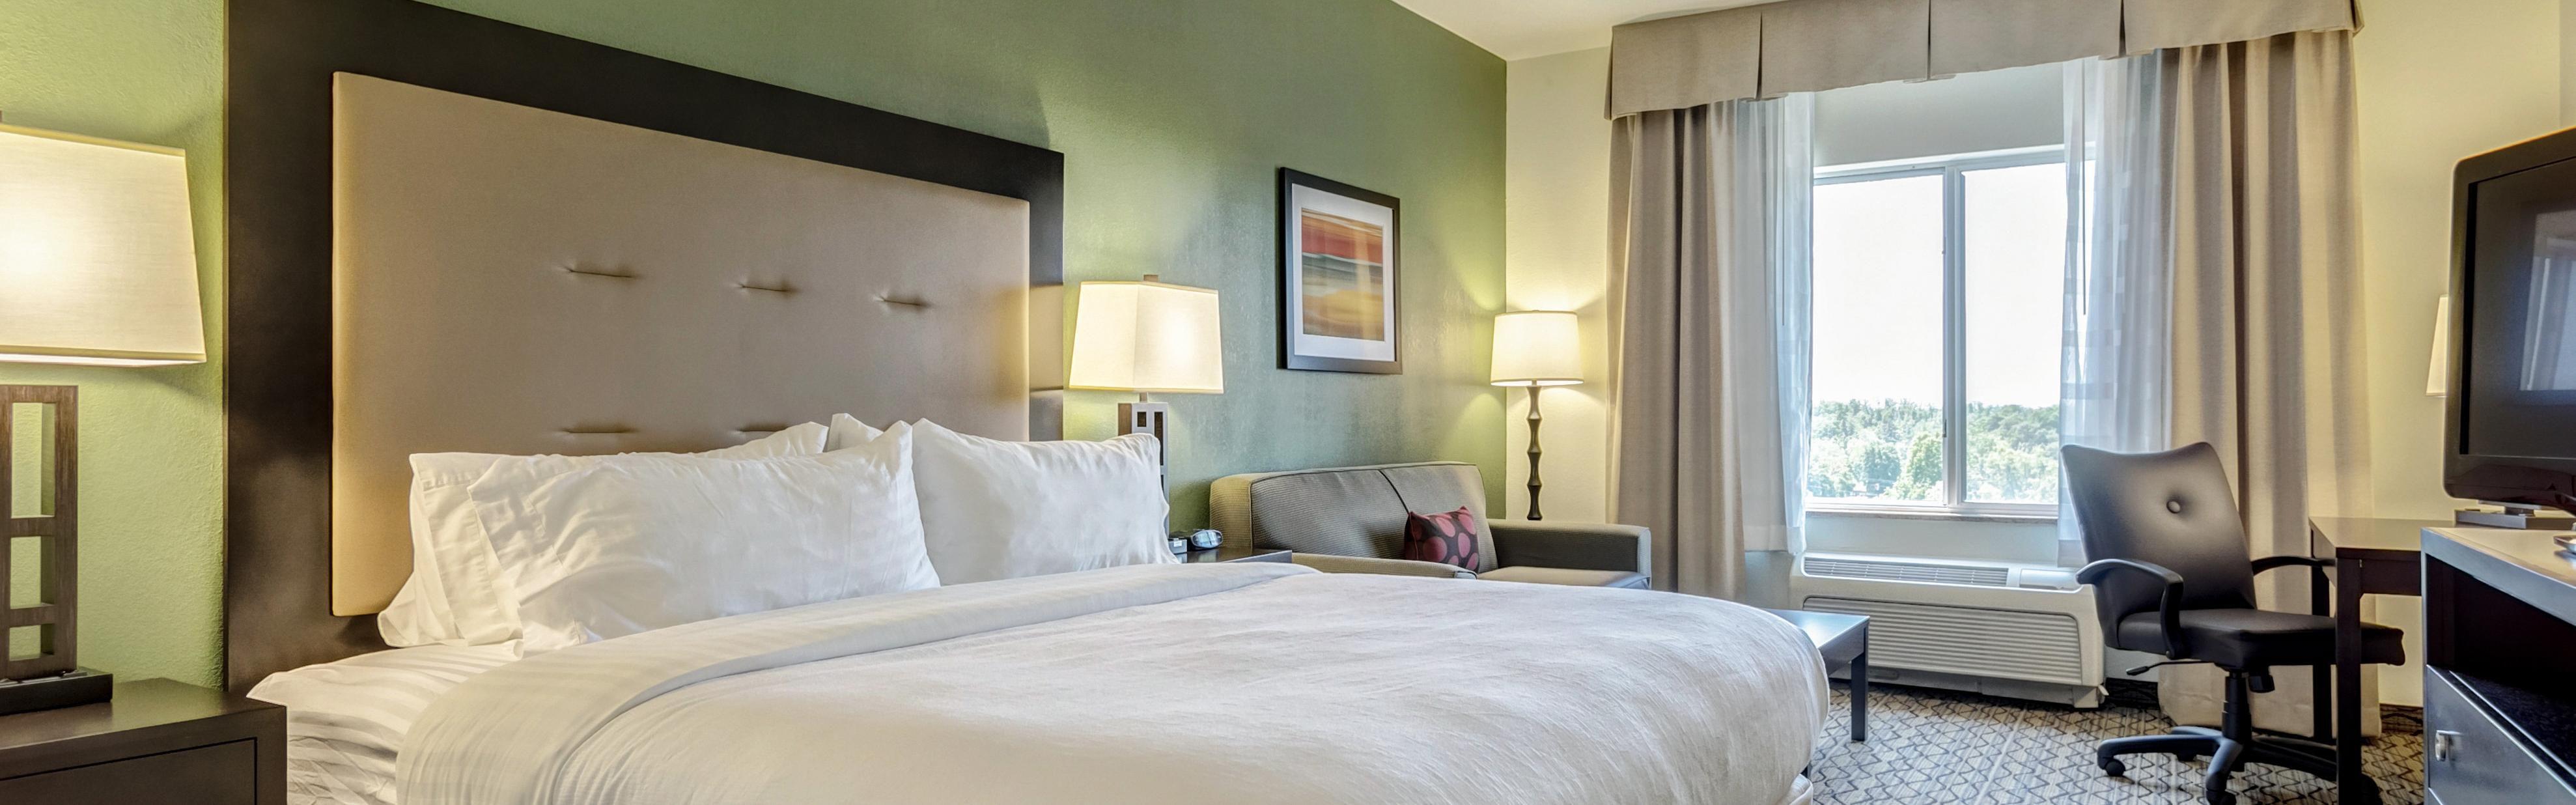 holiday inn poplar bluff poplar bluff missouri mo. Black Bedroom Furniture Sets. Home Design Ideas